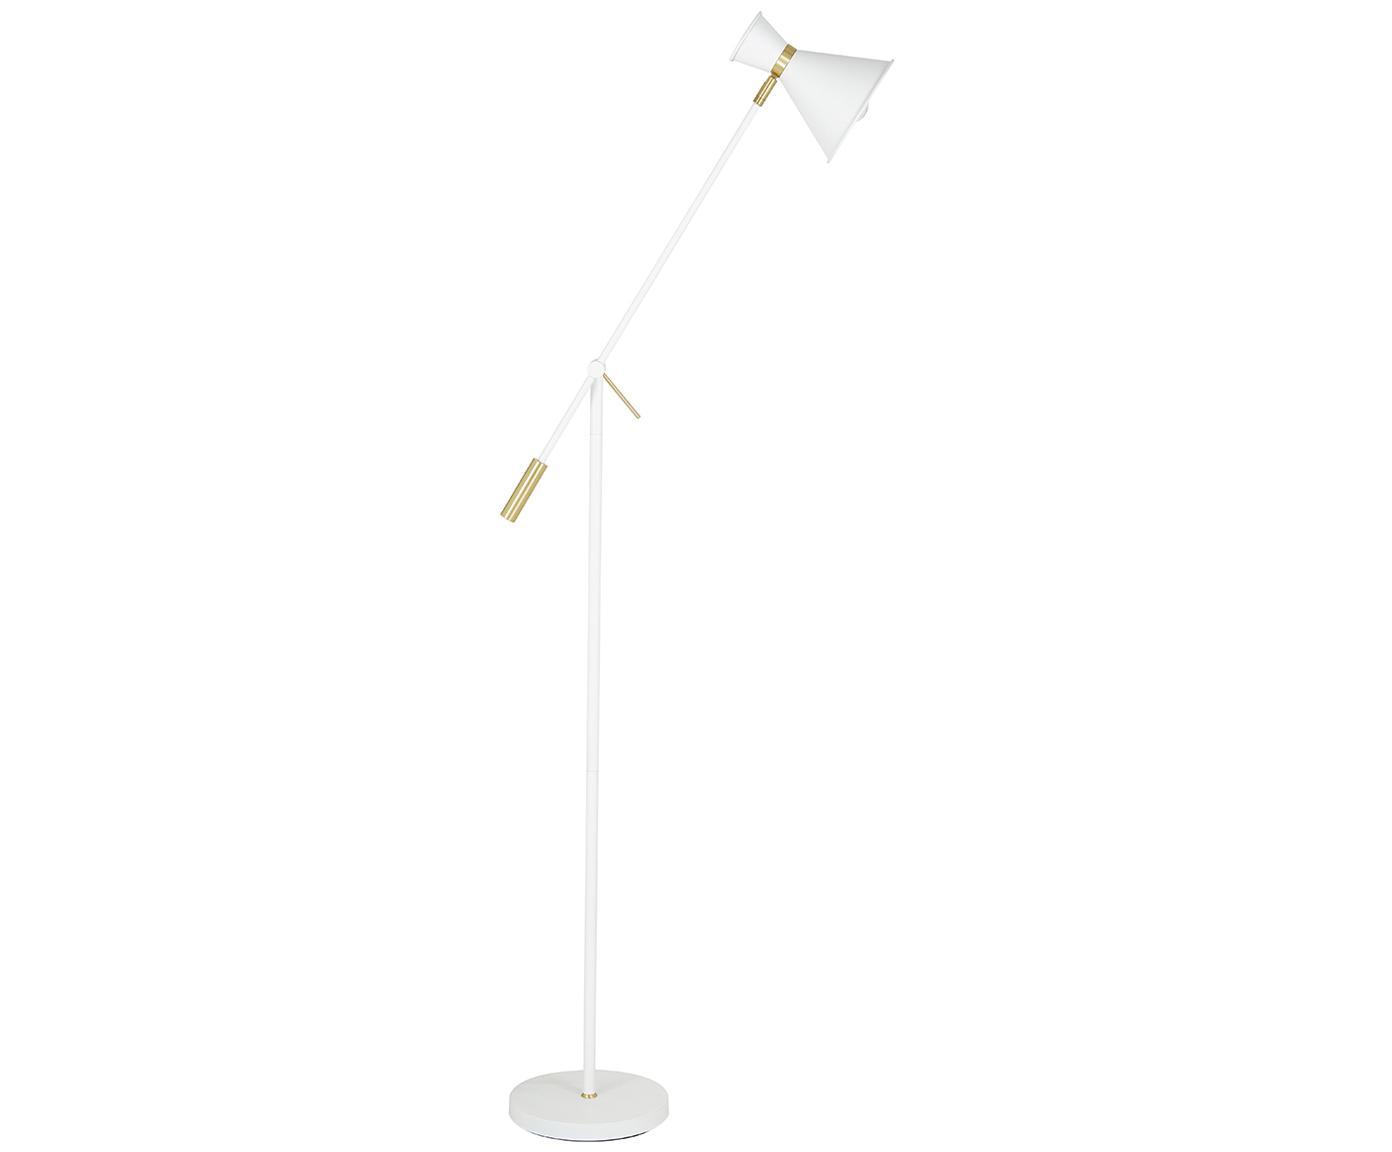 Lampa podłogowa scandi Audrey, Biały, matowy, ∅ 18 x W 145 cm